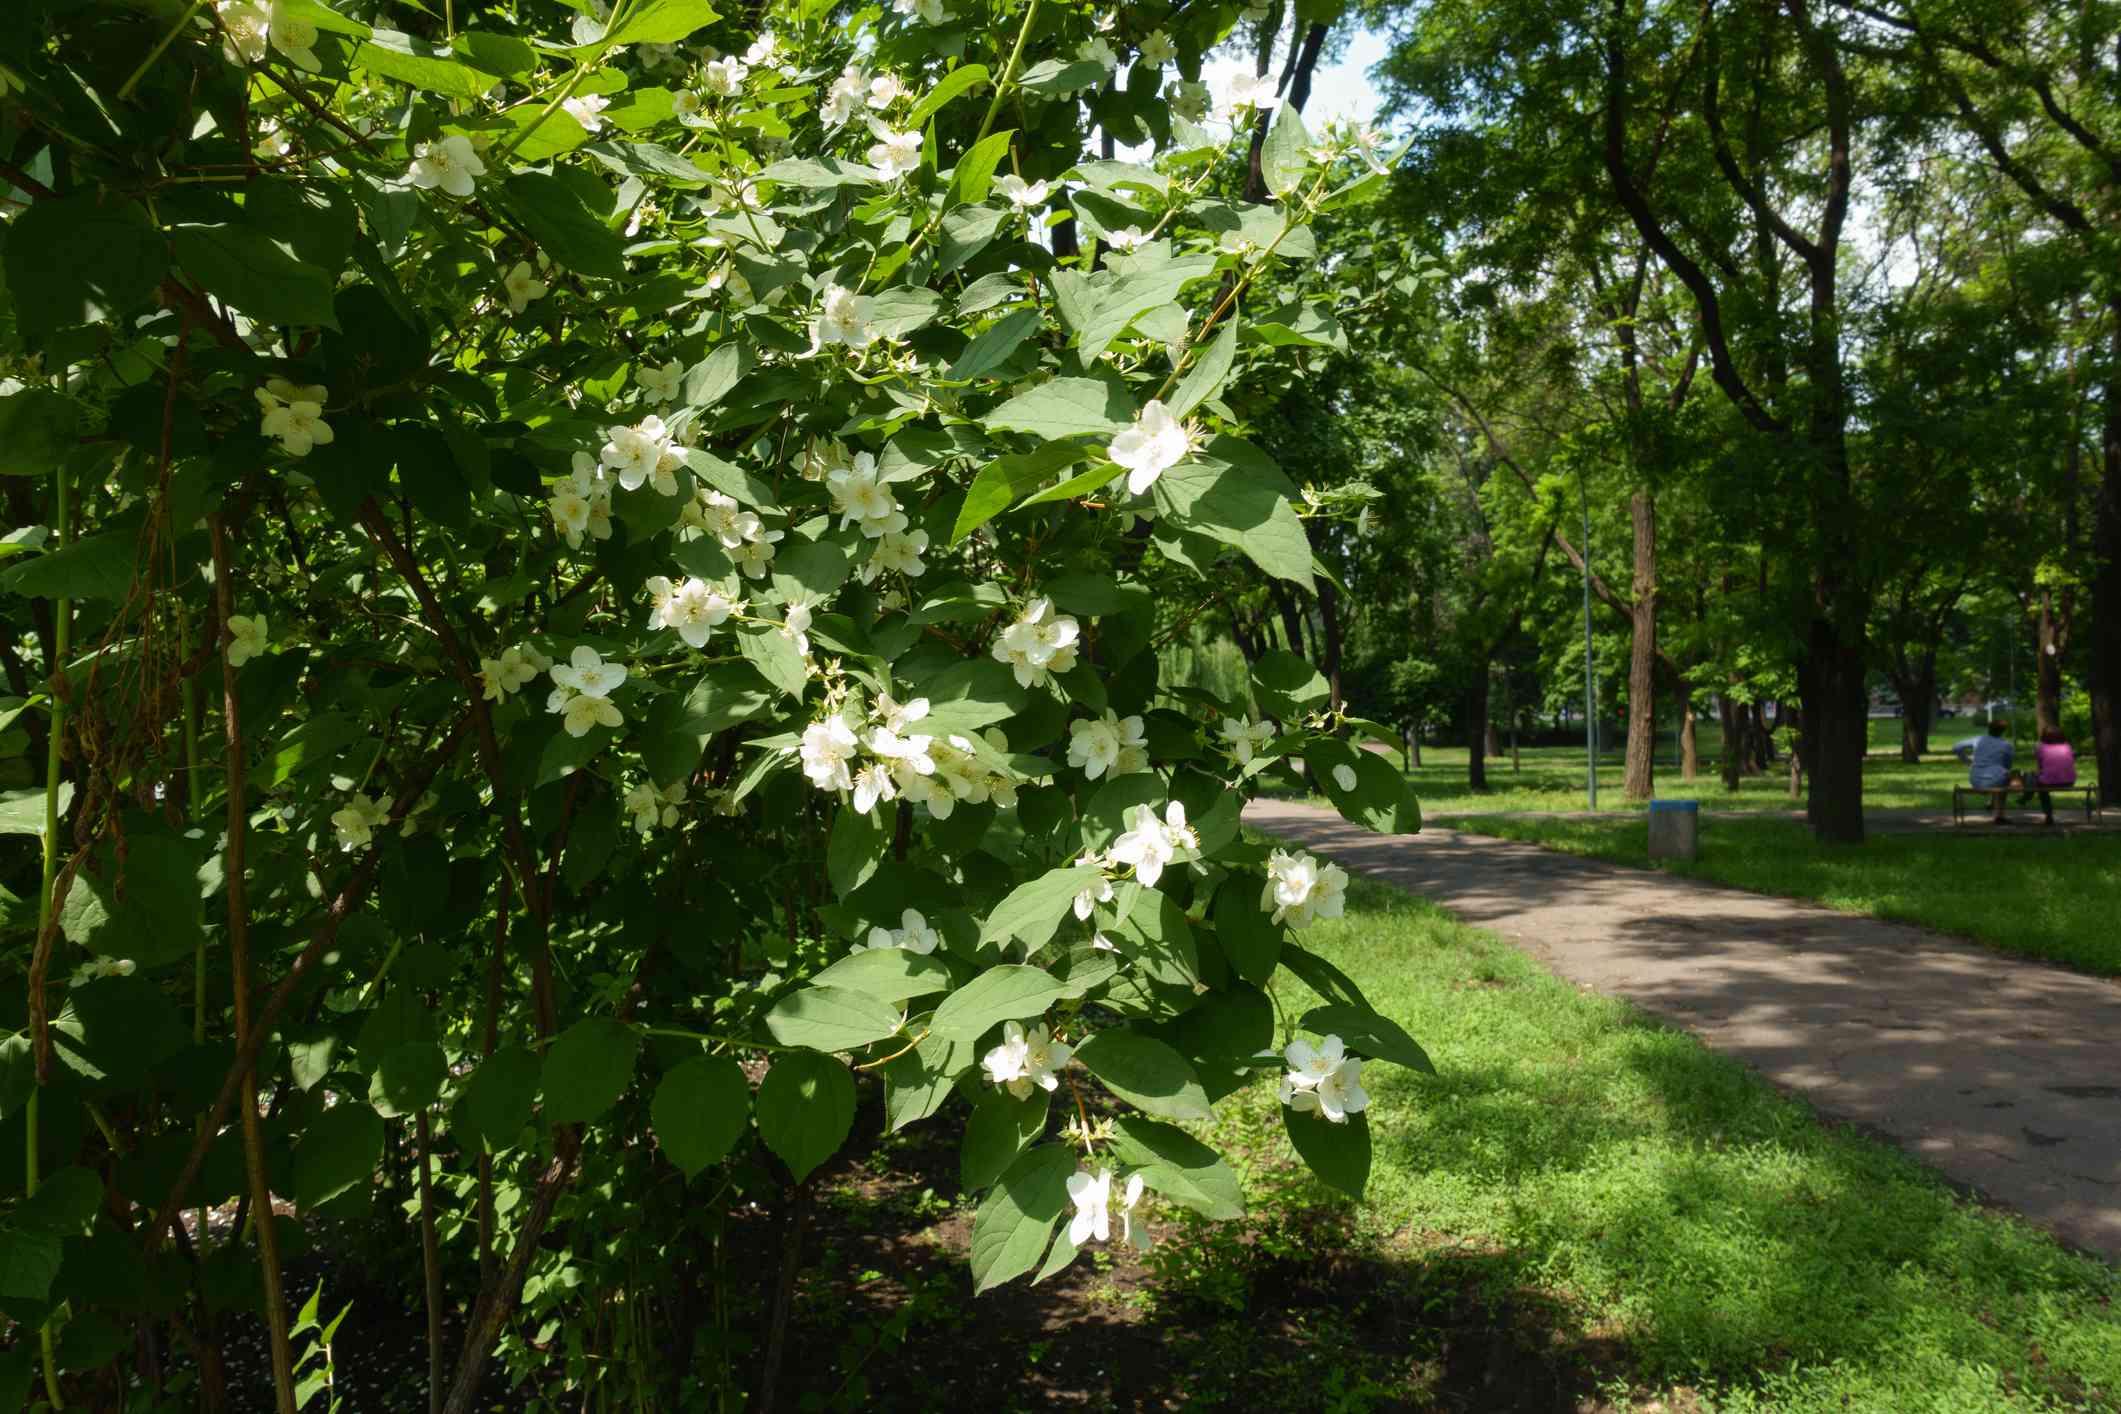 Bush of mock orange in bloom in the park in June